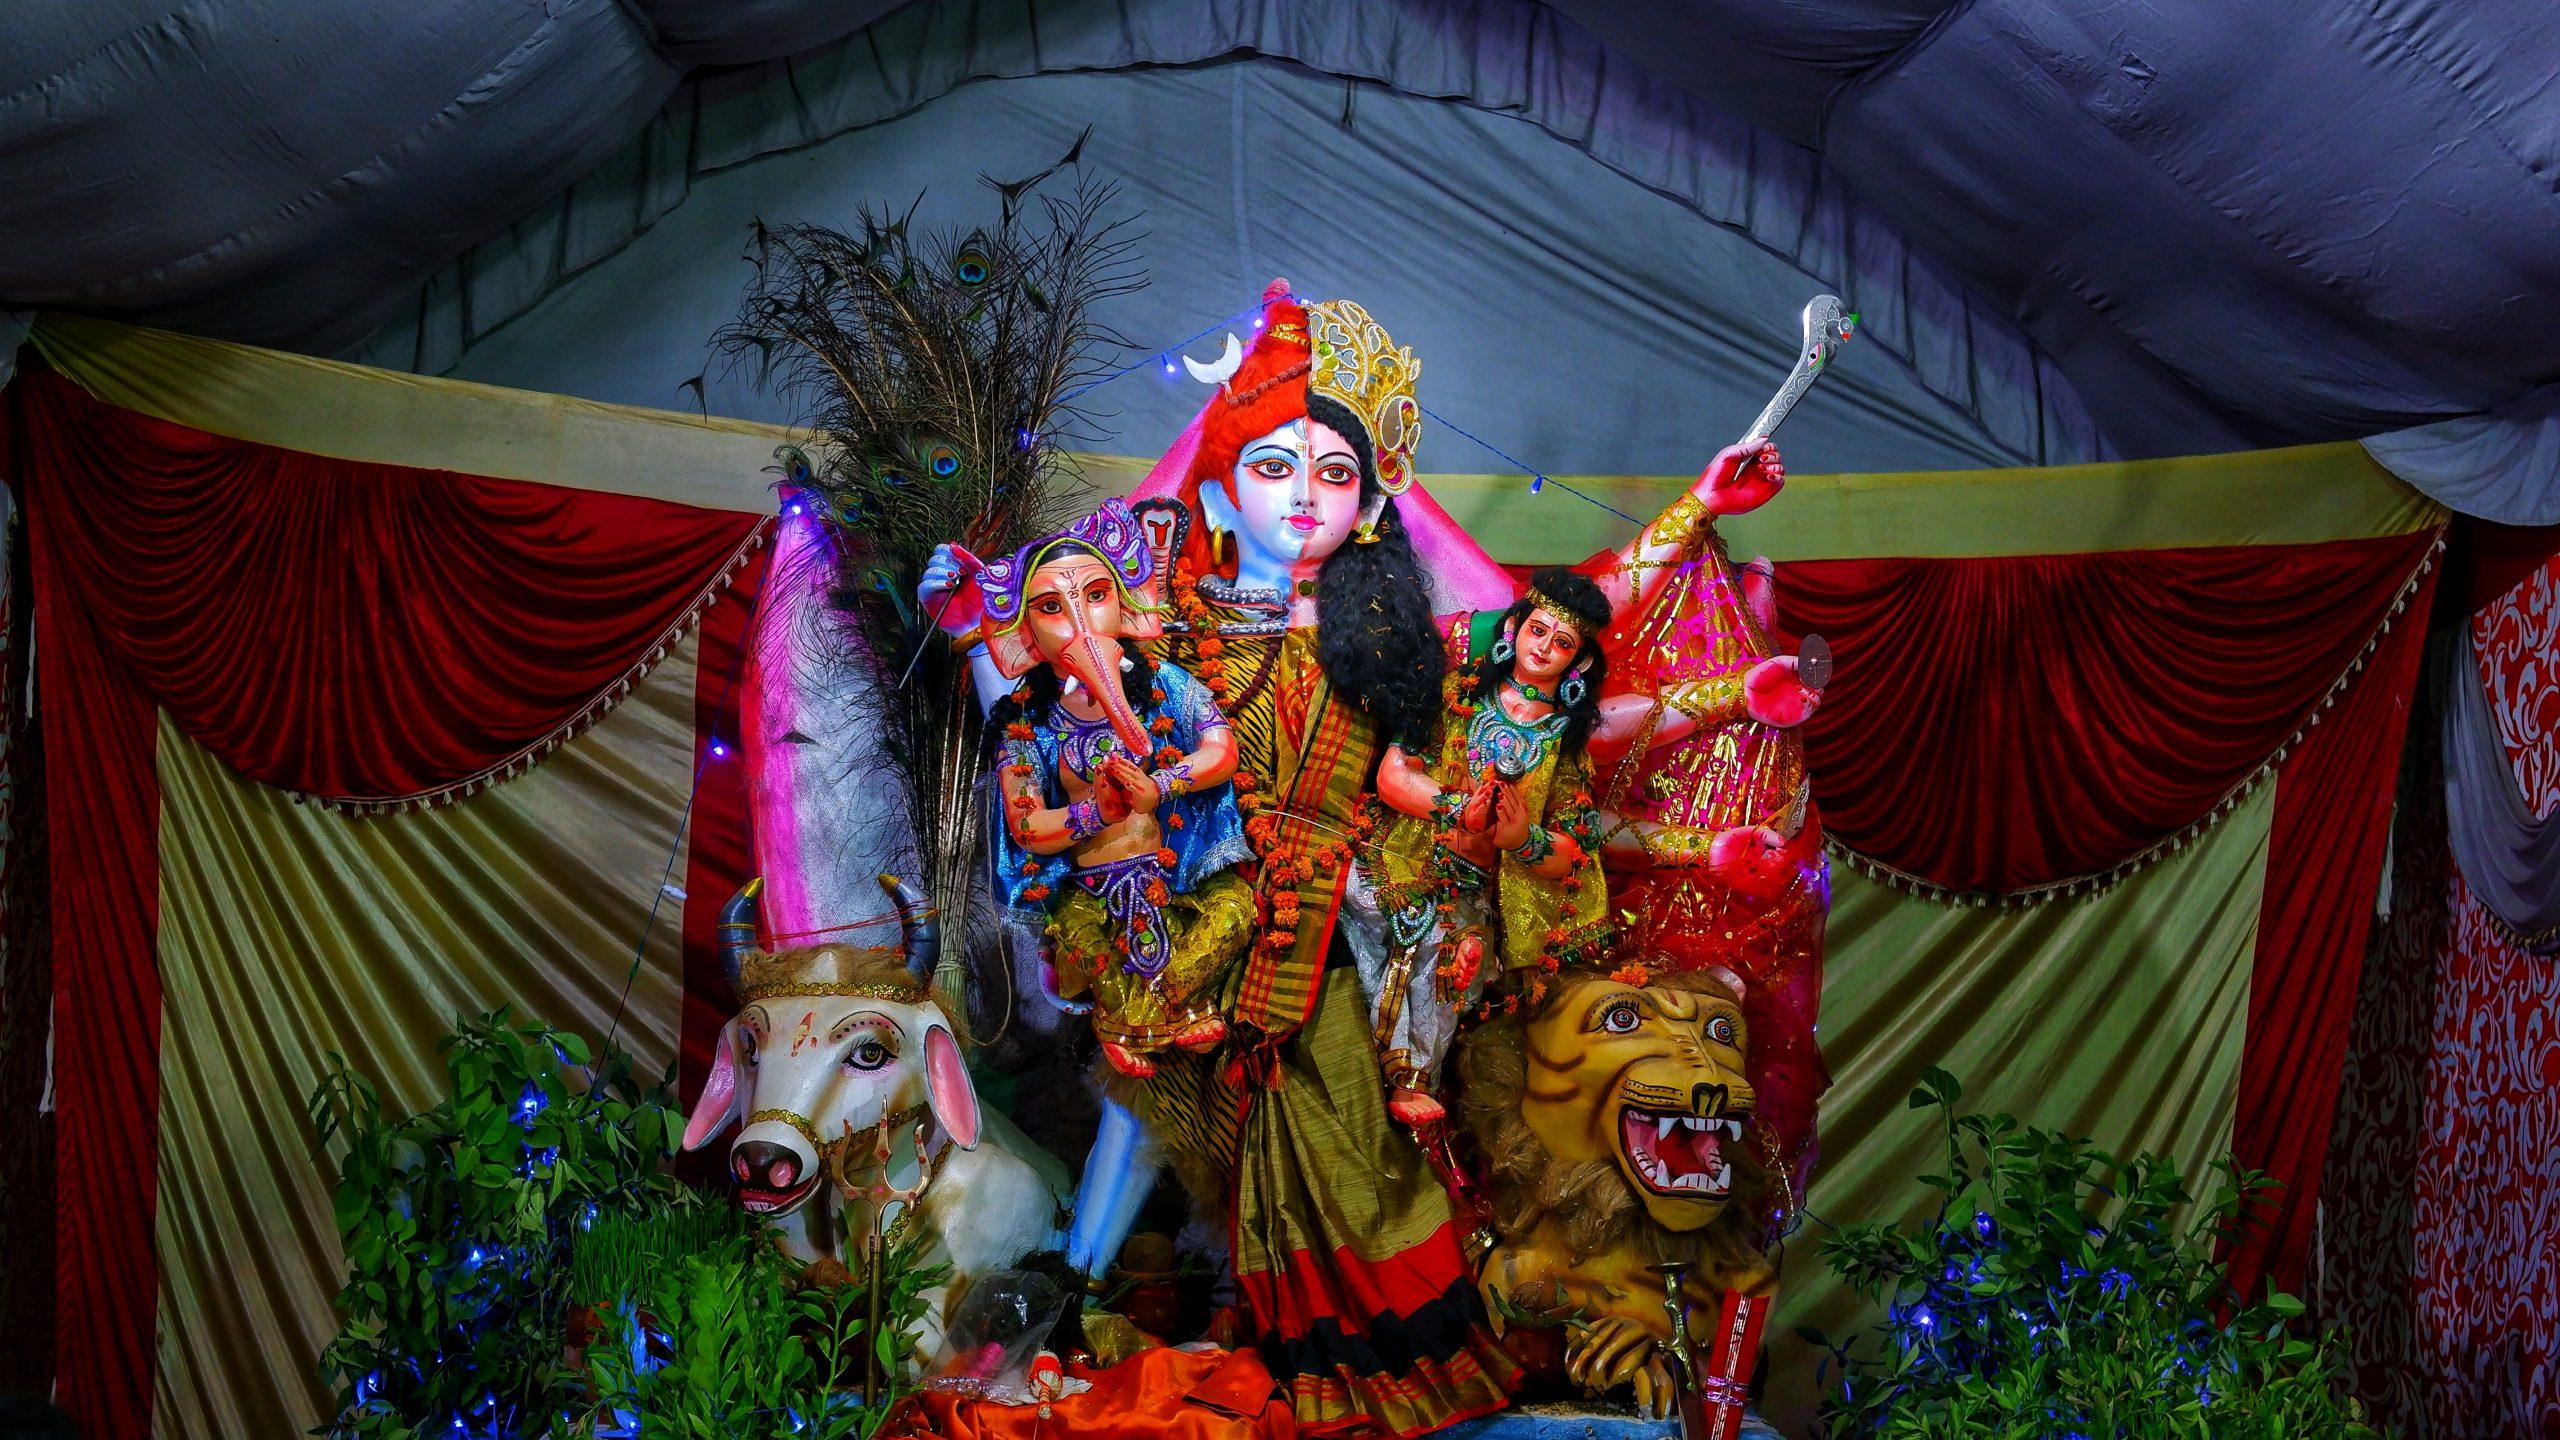 Idols of Hindu God